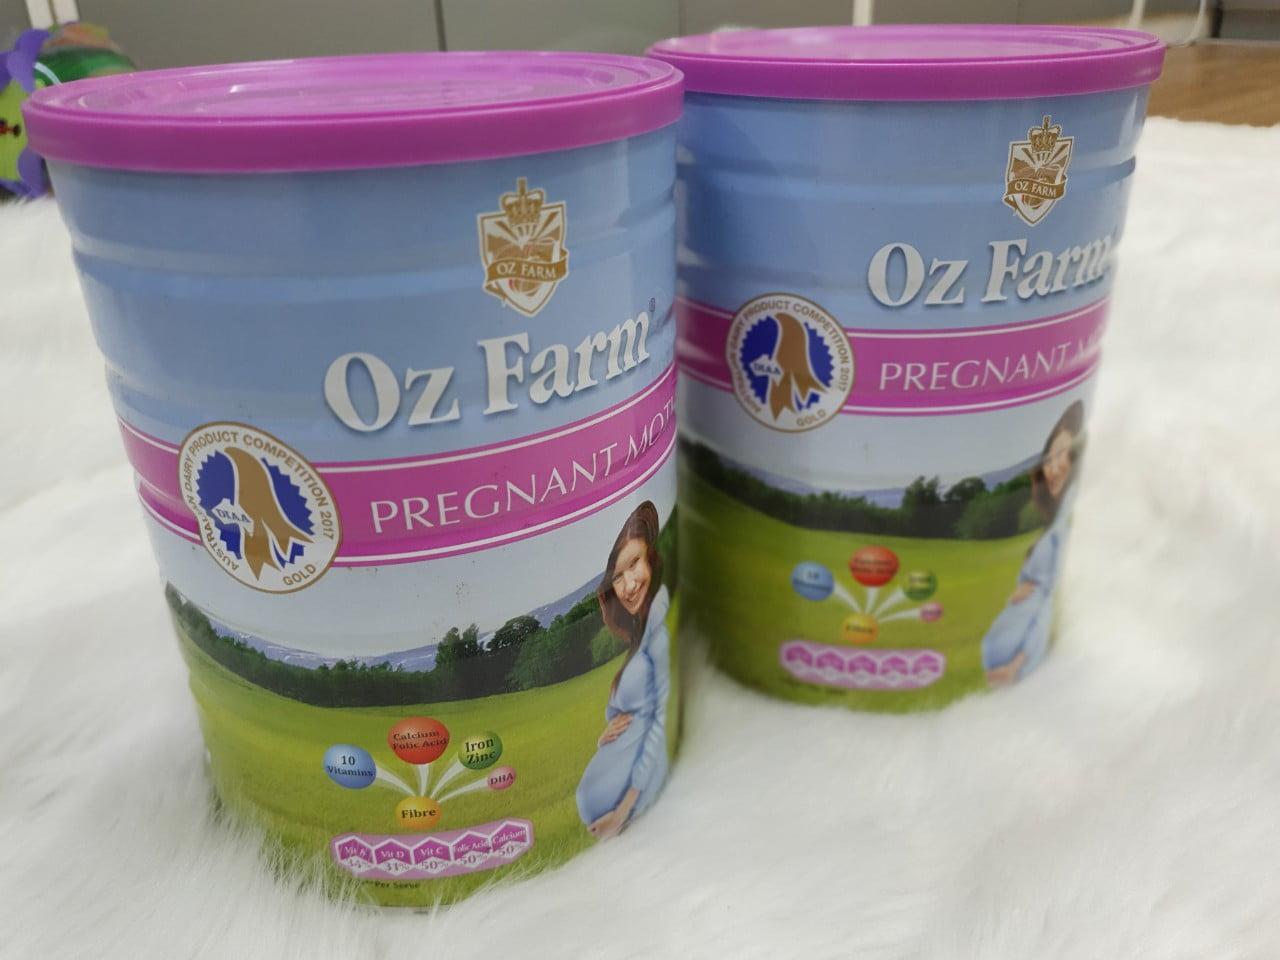 Sữa bầu Oz Farm Pregnant Mother Formula 900g chính hãng